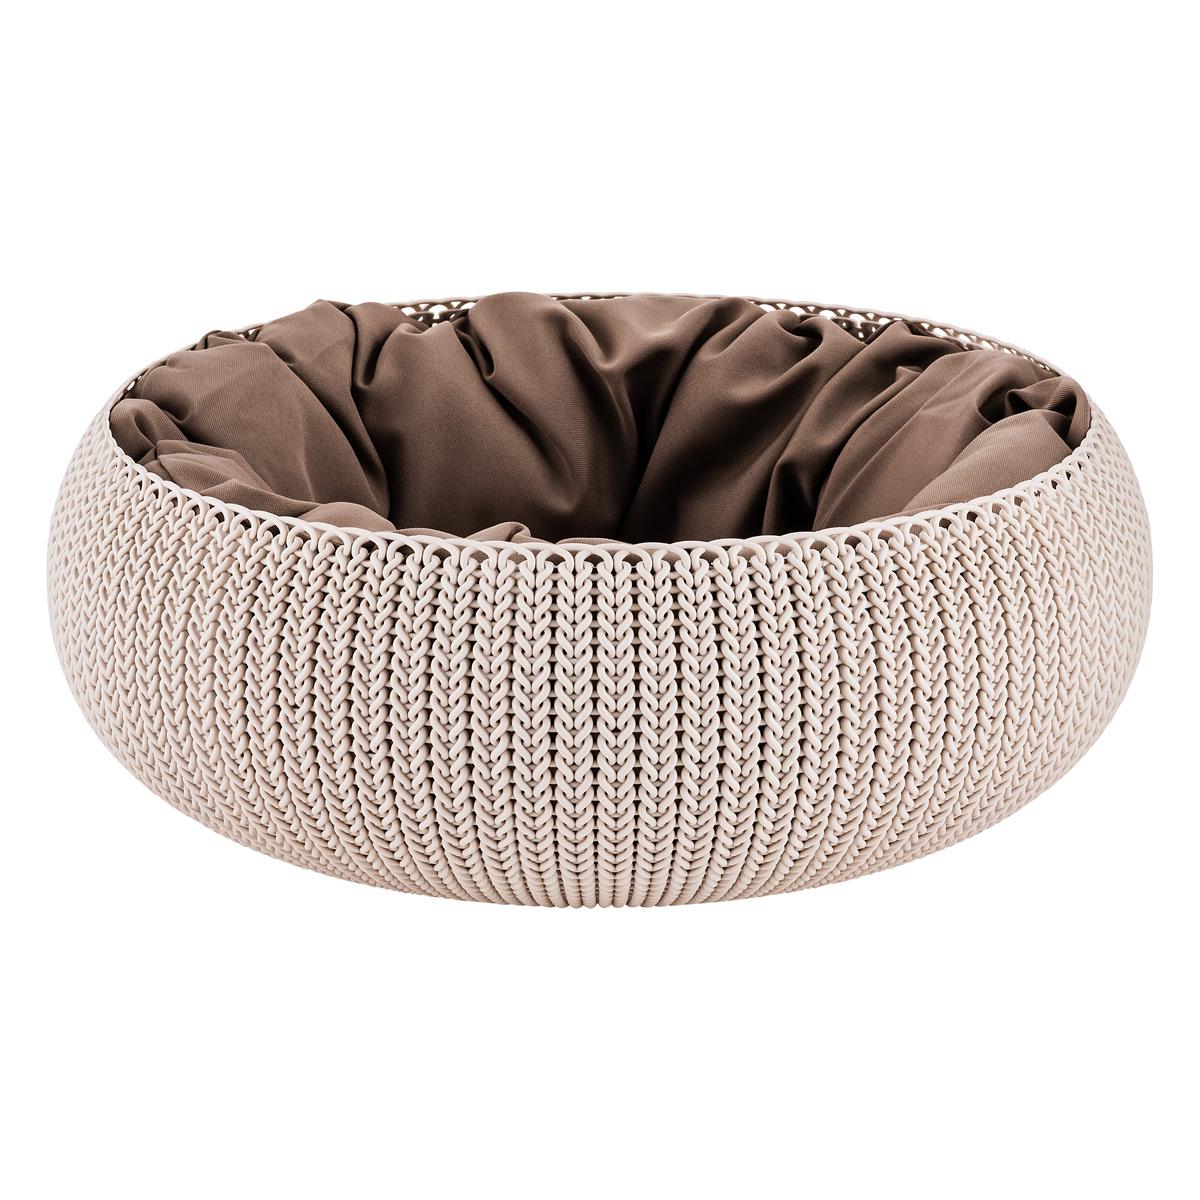 Knit Pet Bed